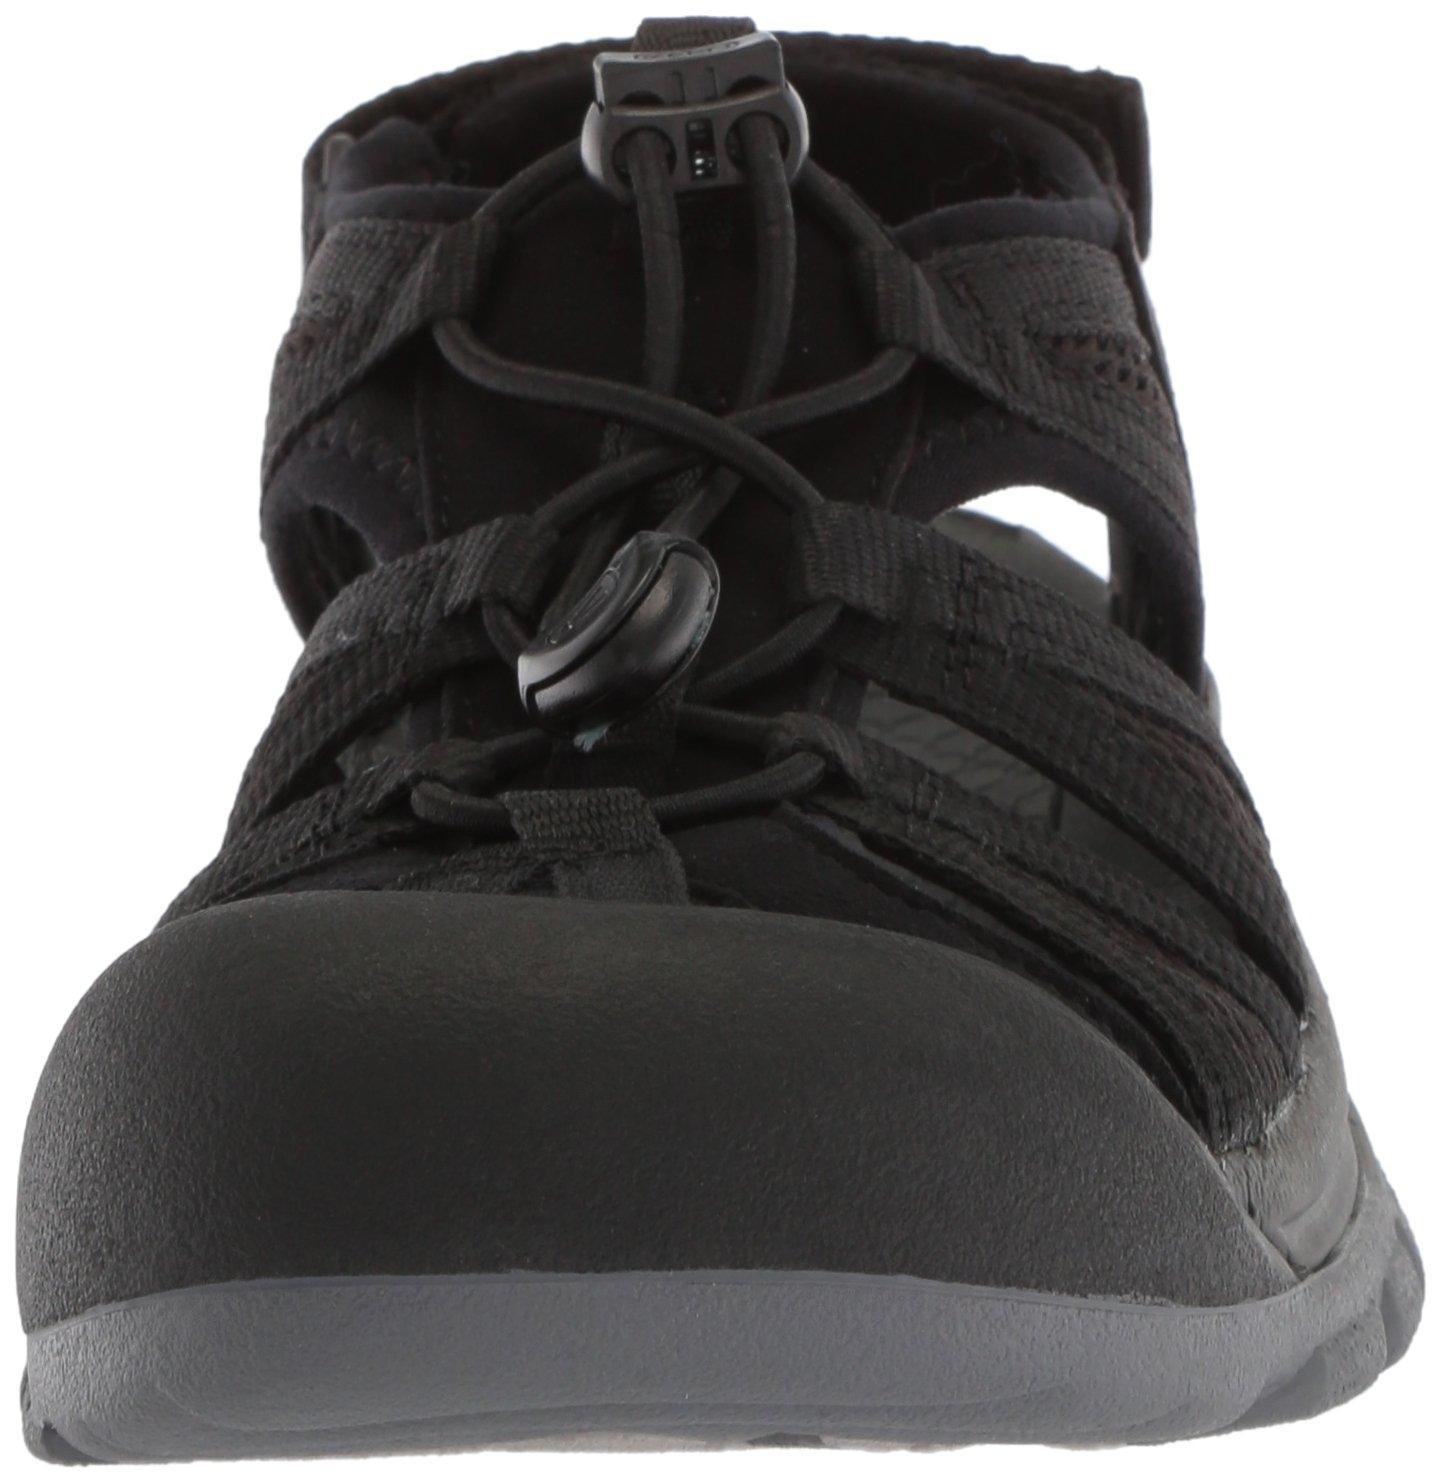 KEEN Women's 7 Venice II H2-W Sandal B071D51SPM 7 Women's B(M) US|Black/Steel Grey 18a0e8